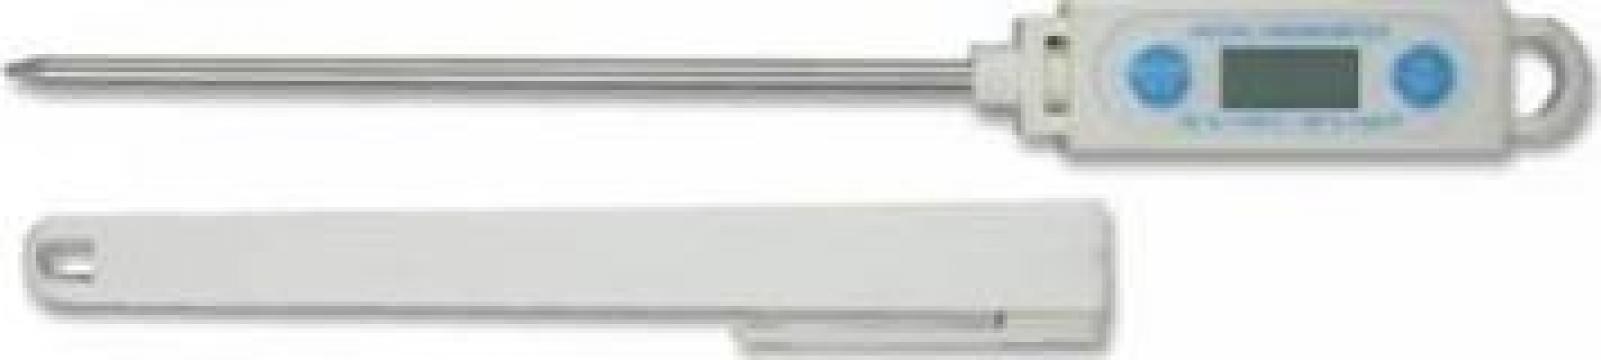 Termometru digital test waterproof de la Mes Marin Srl